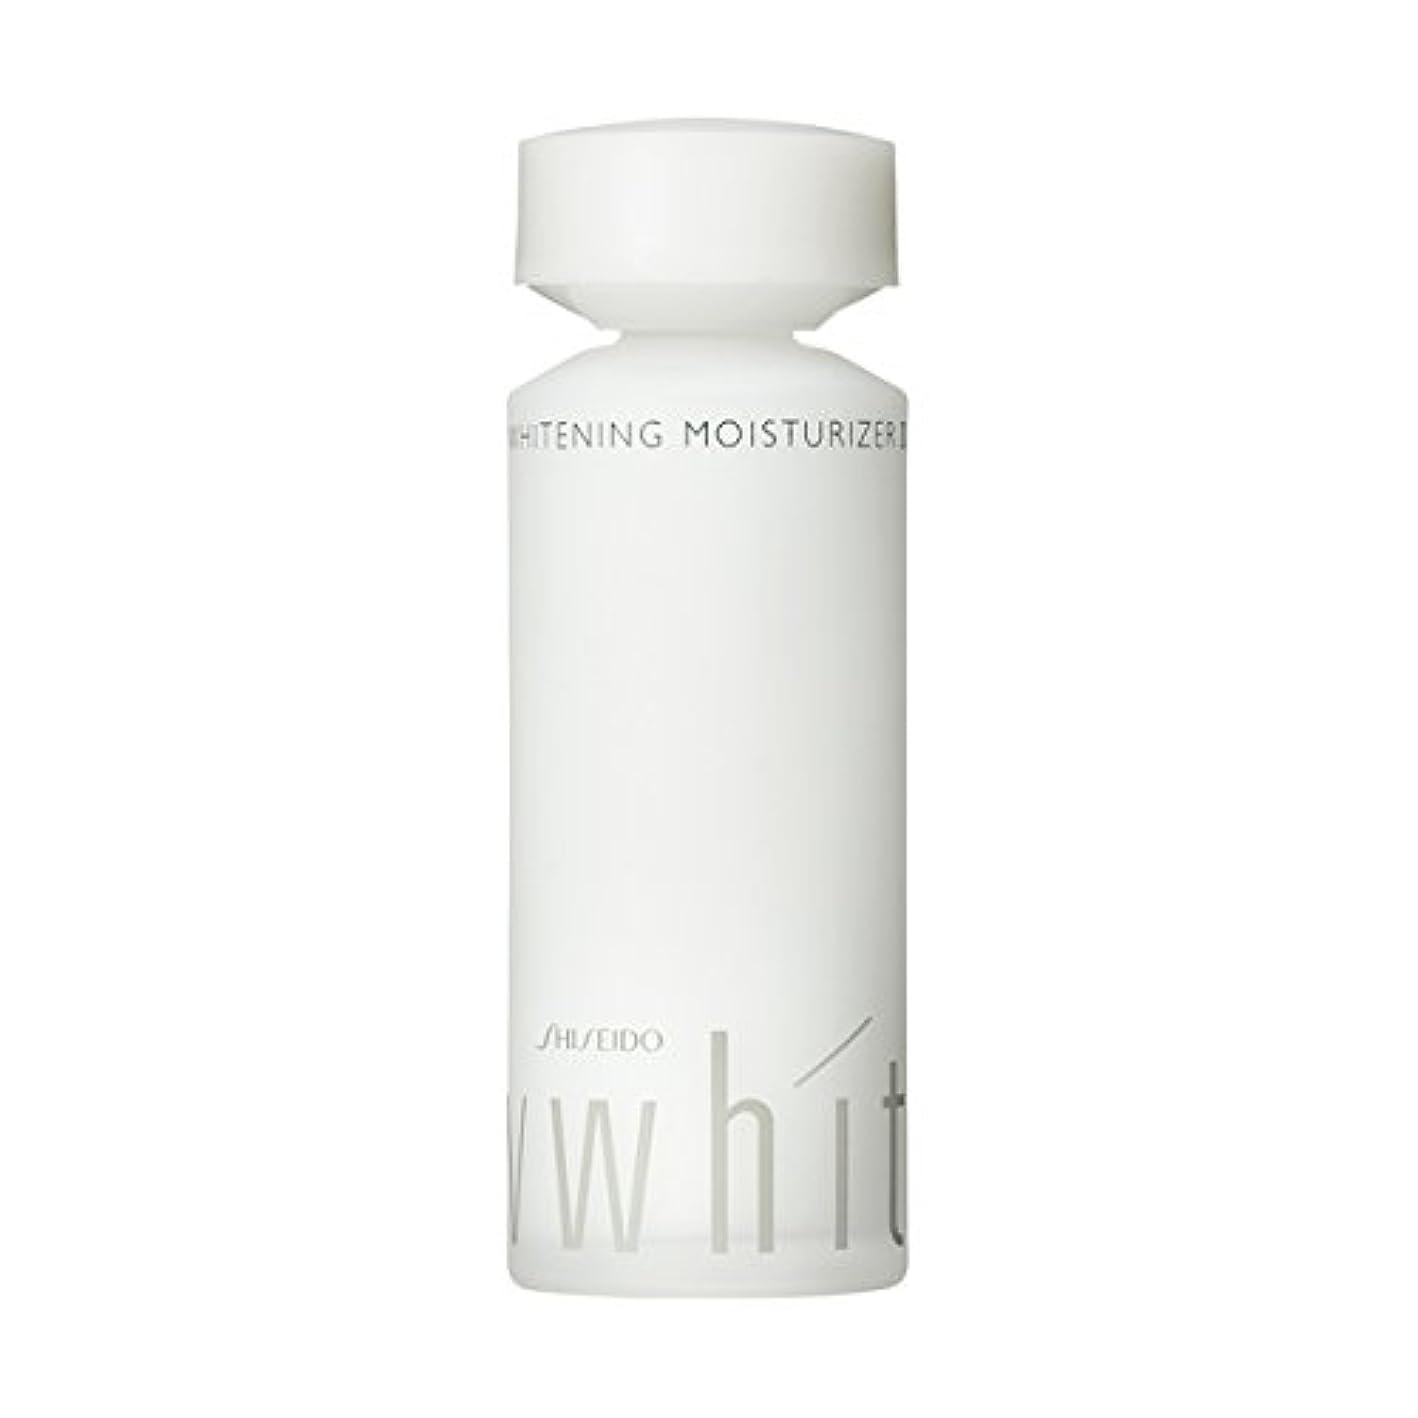 不調和組み合わせ地中海UVホワイト ホワイトニング モイスチャーライザー 2 100mL 【医薬部外品】